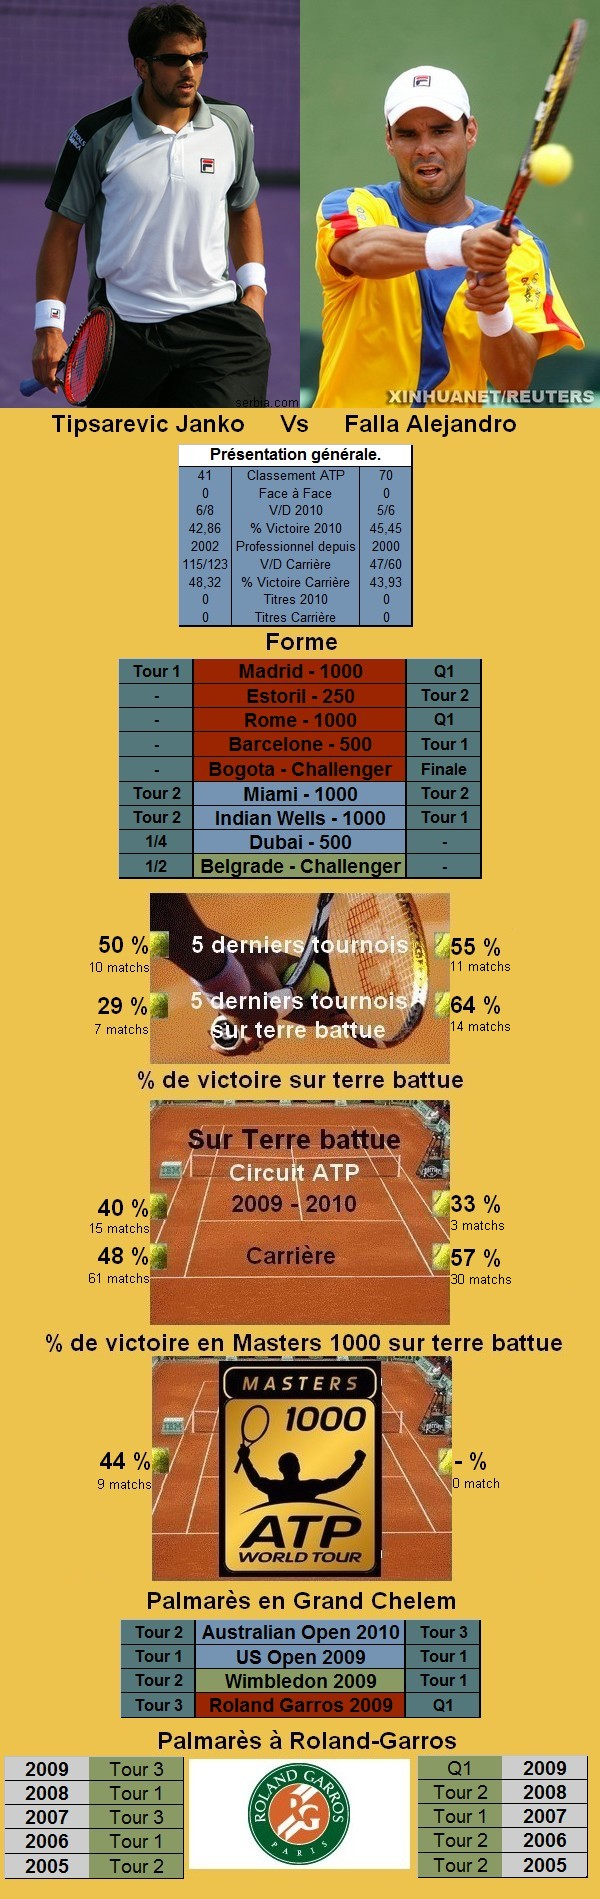 Statistiques tennis de Tipsarevic contre Falla à Roland Garros